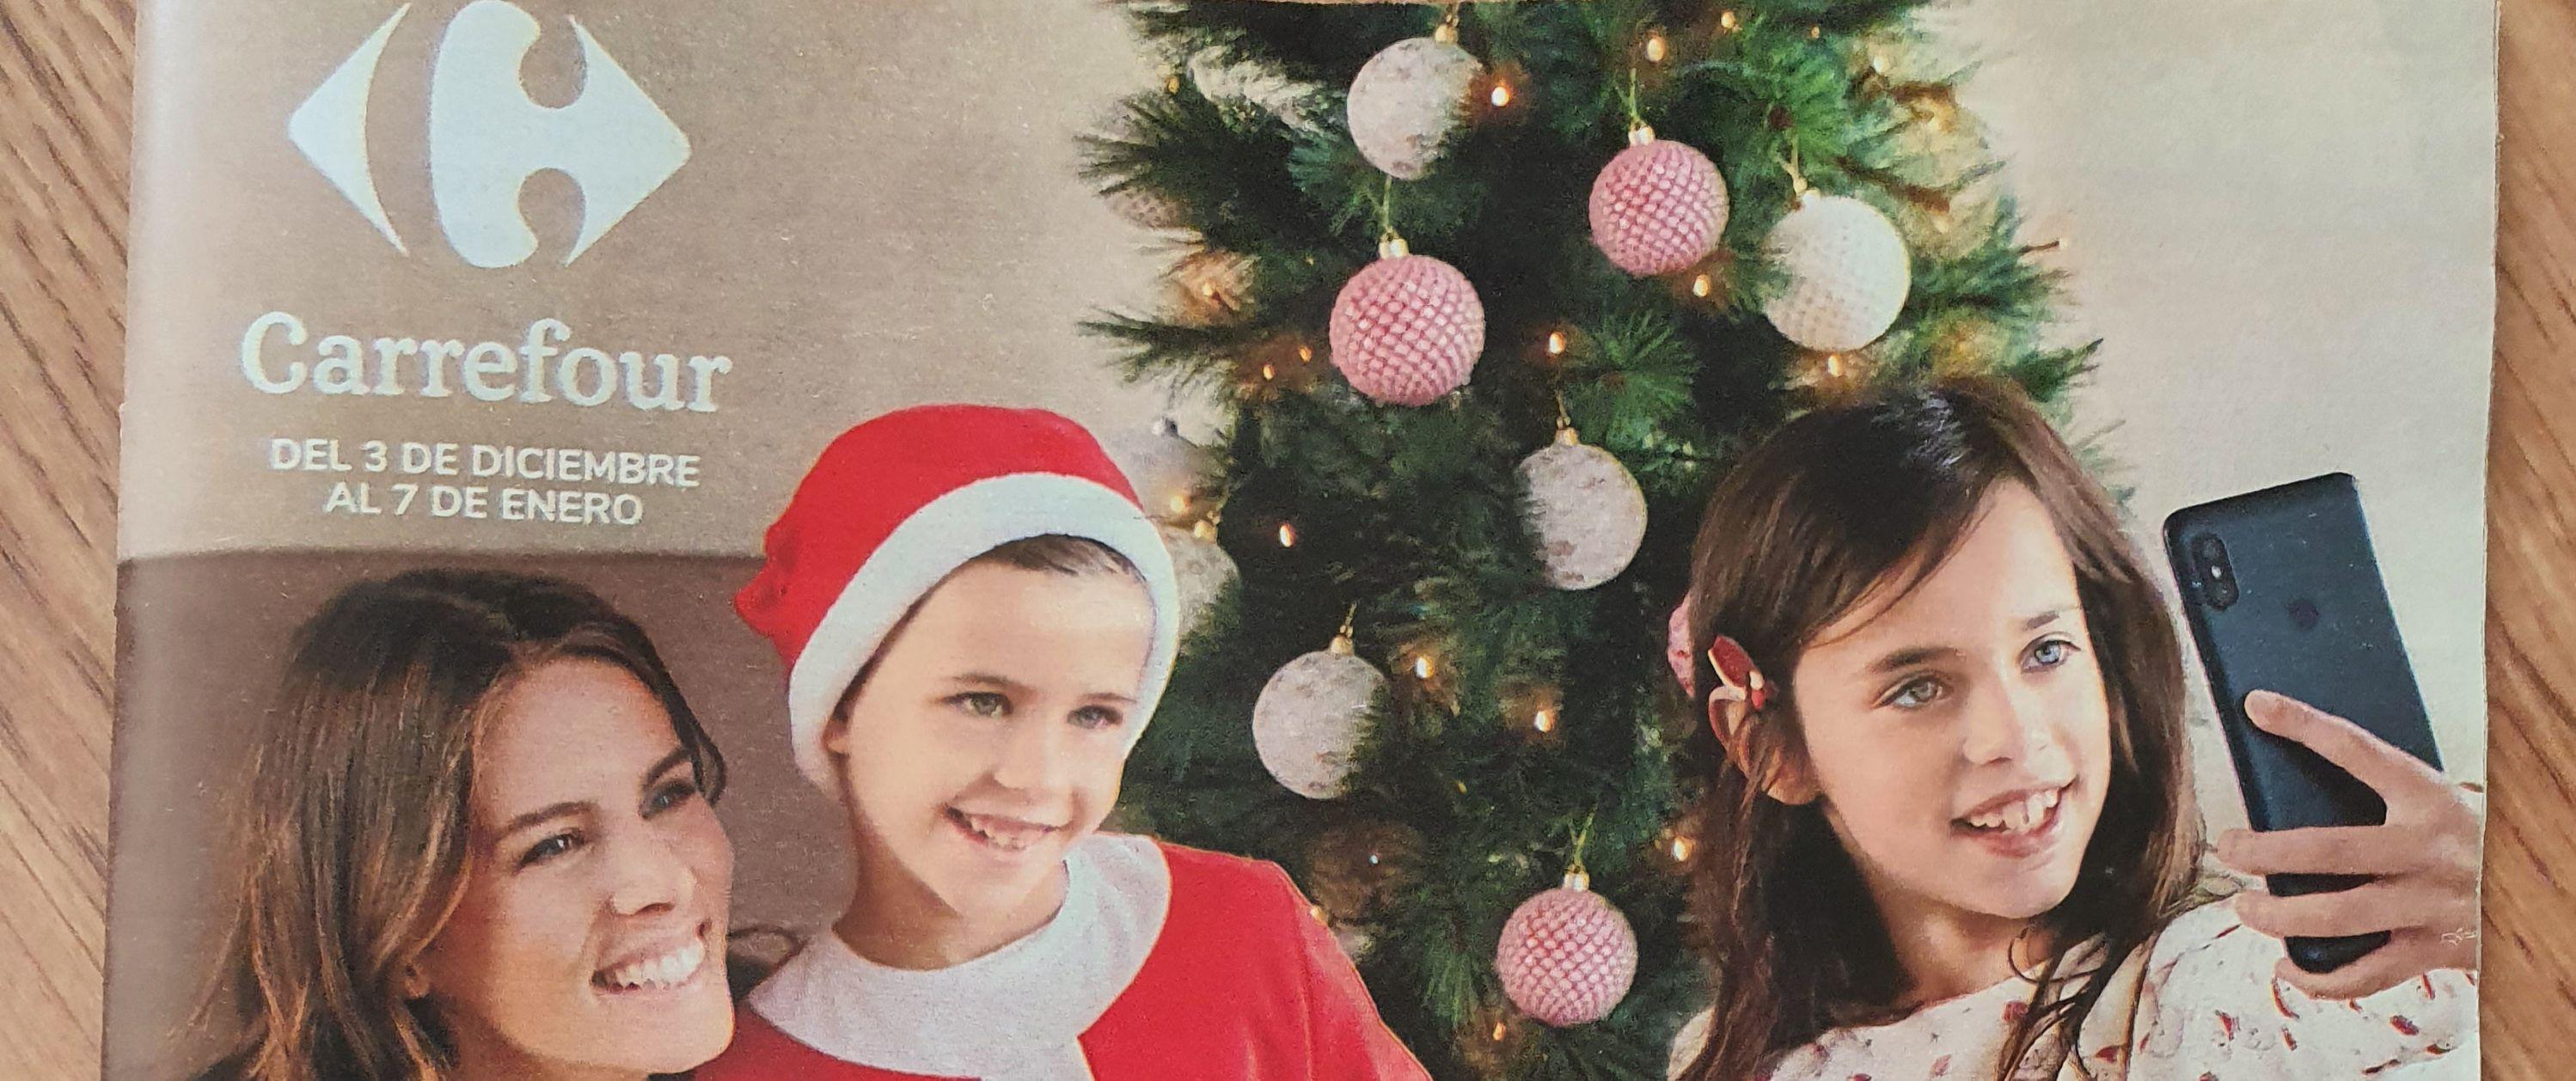 Folleto Navidad de Carrefour